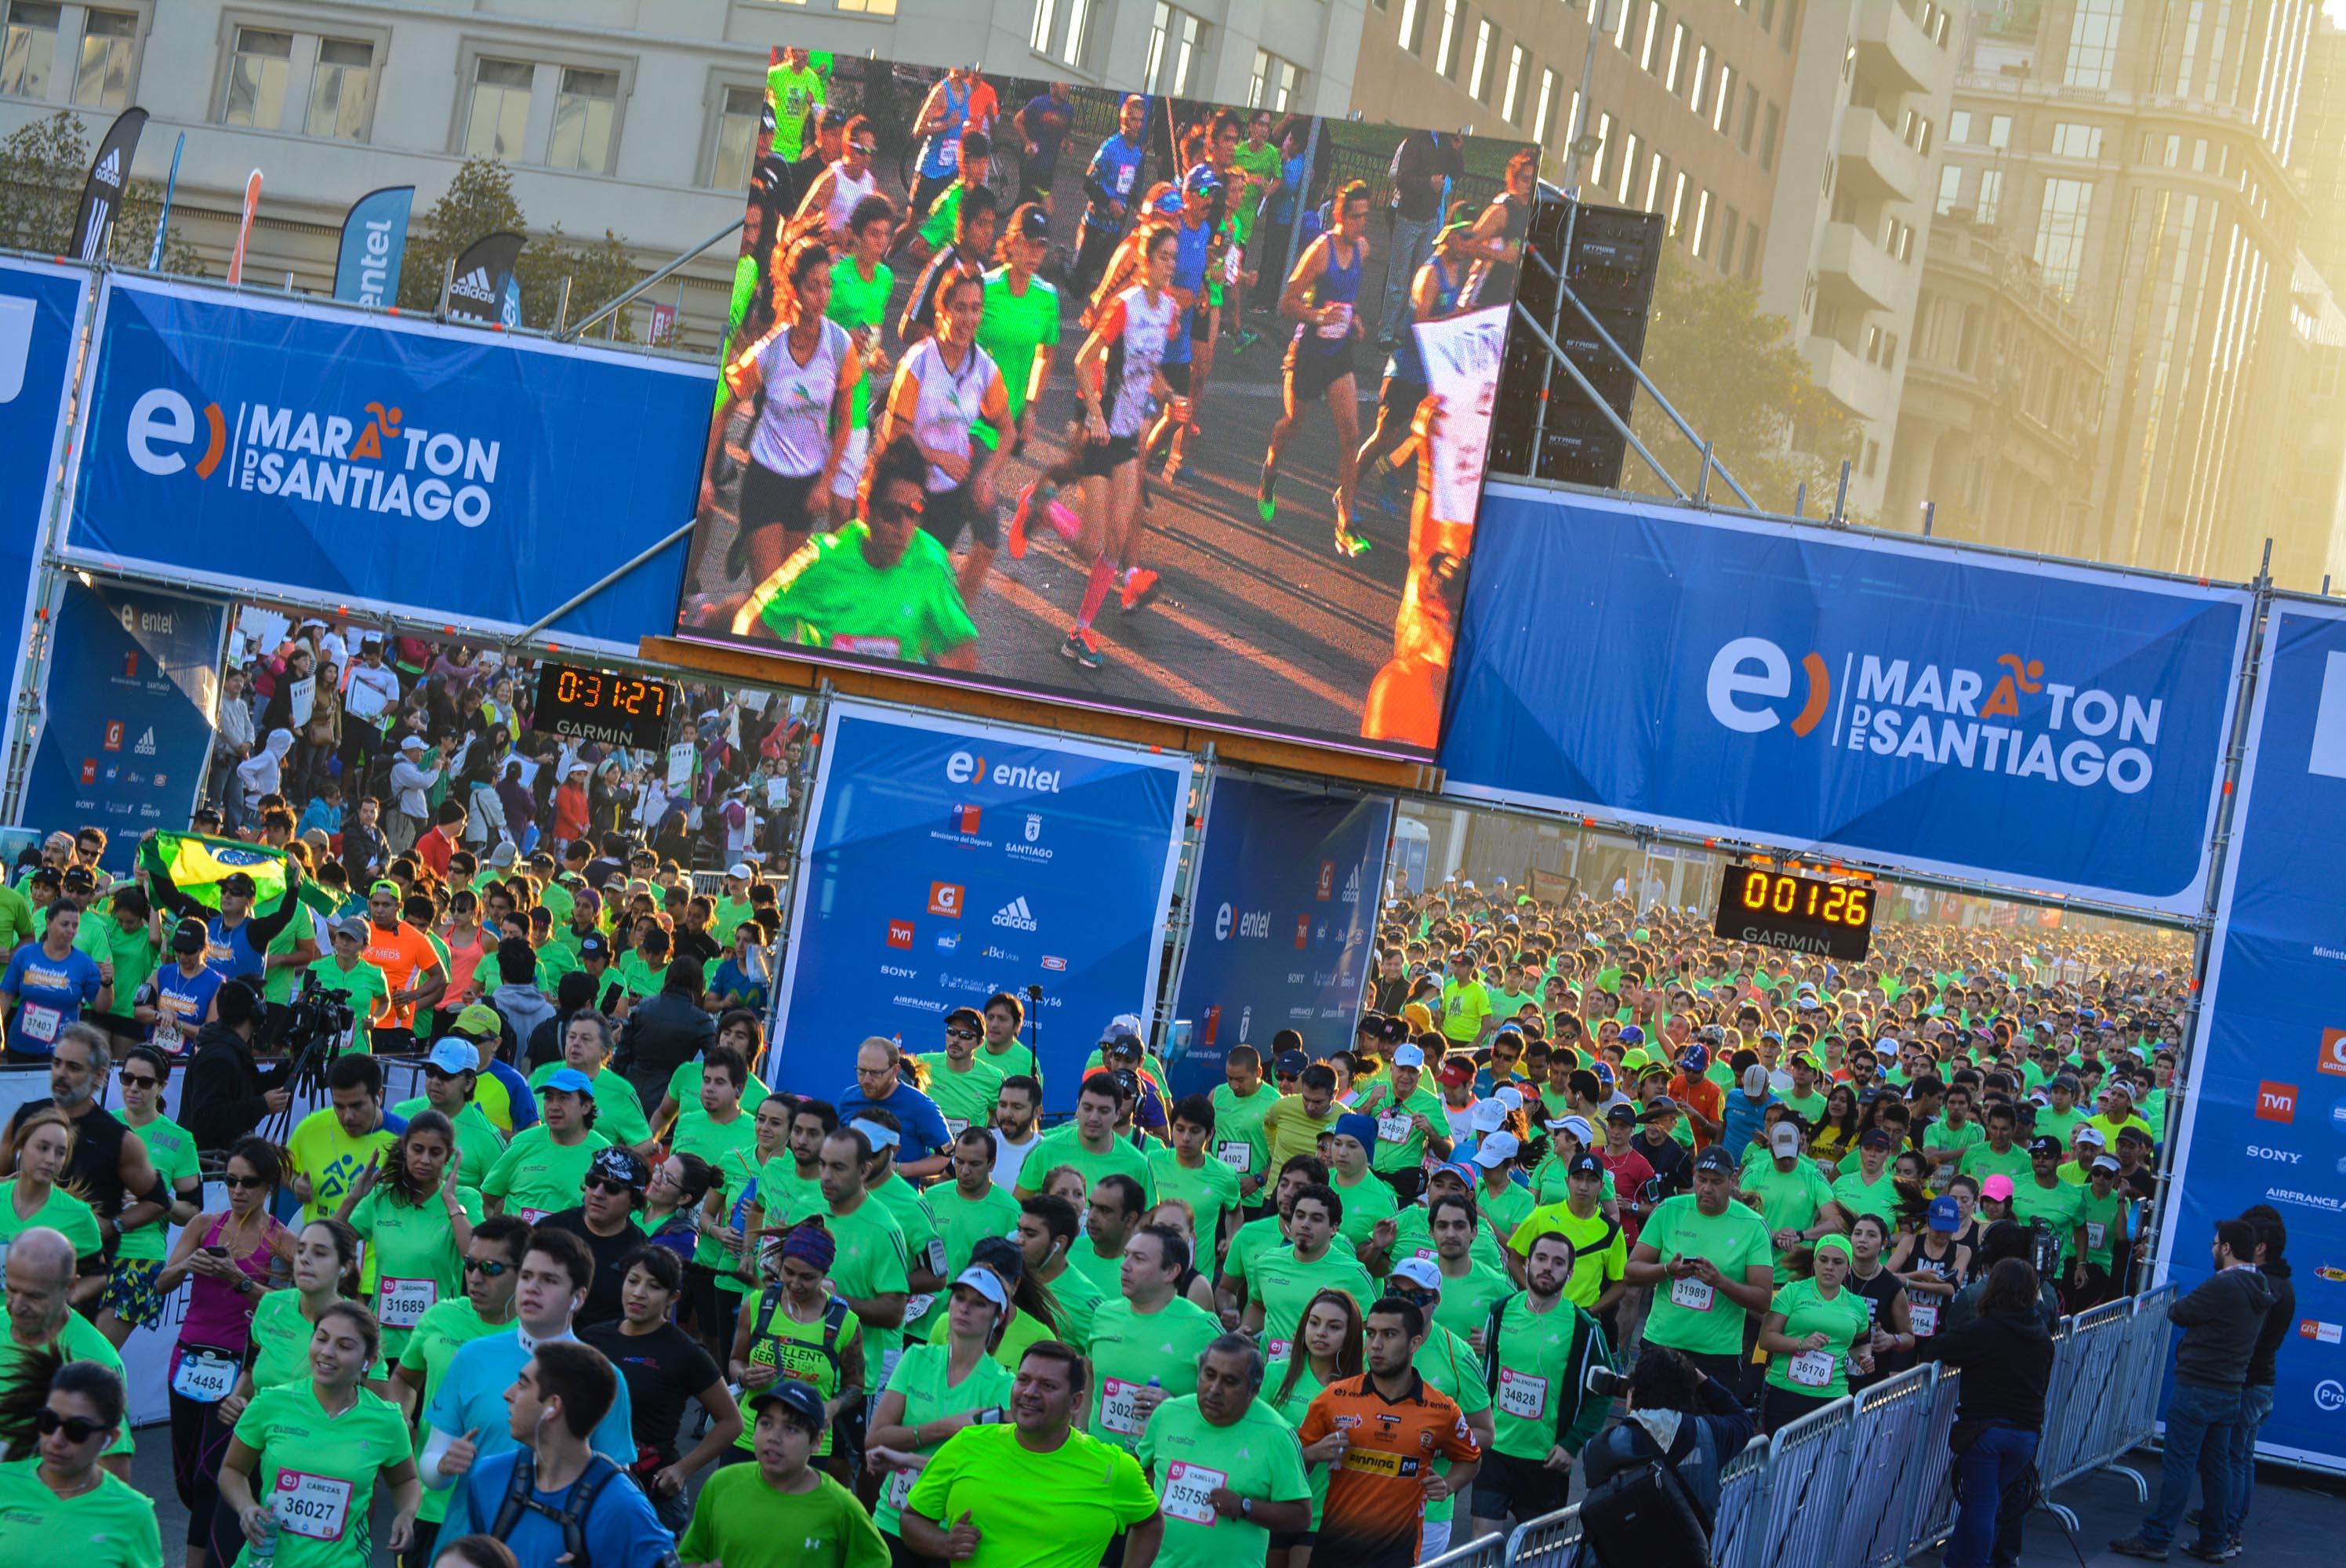 9na Maratón Santiago de Chile 2015 (2)